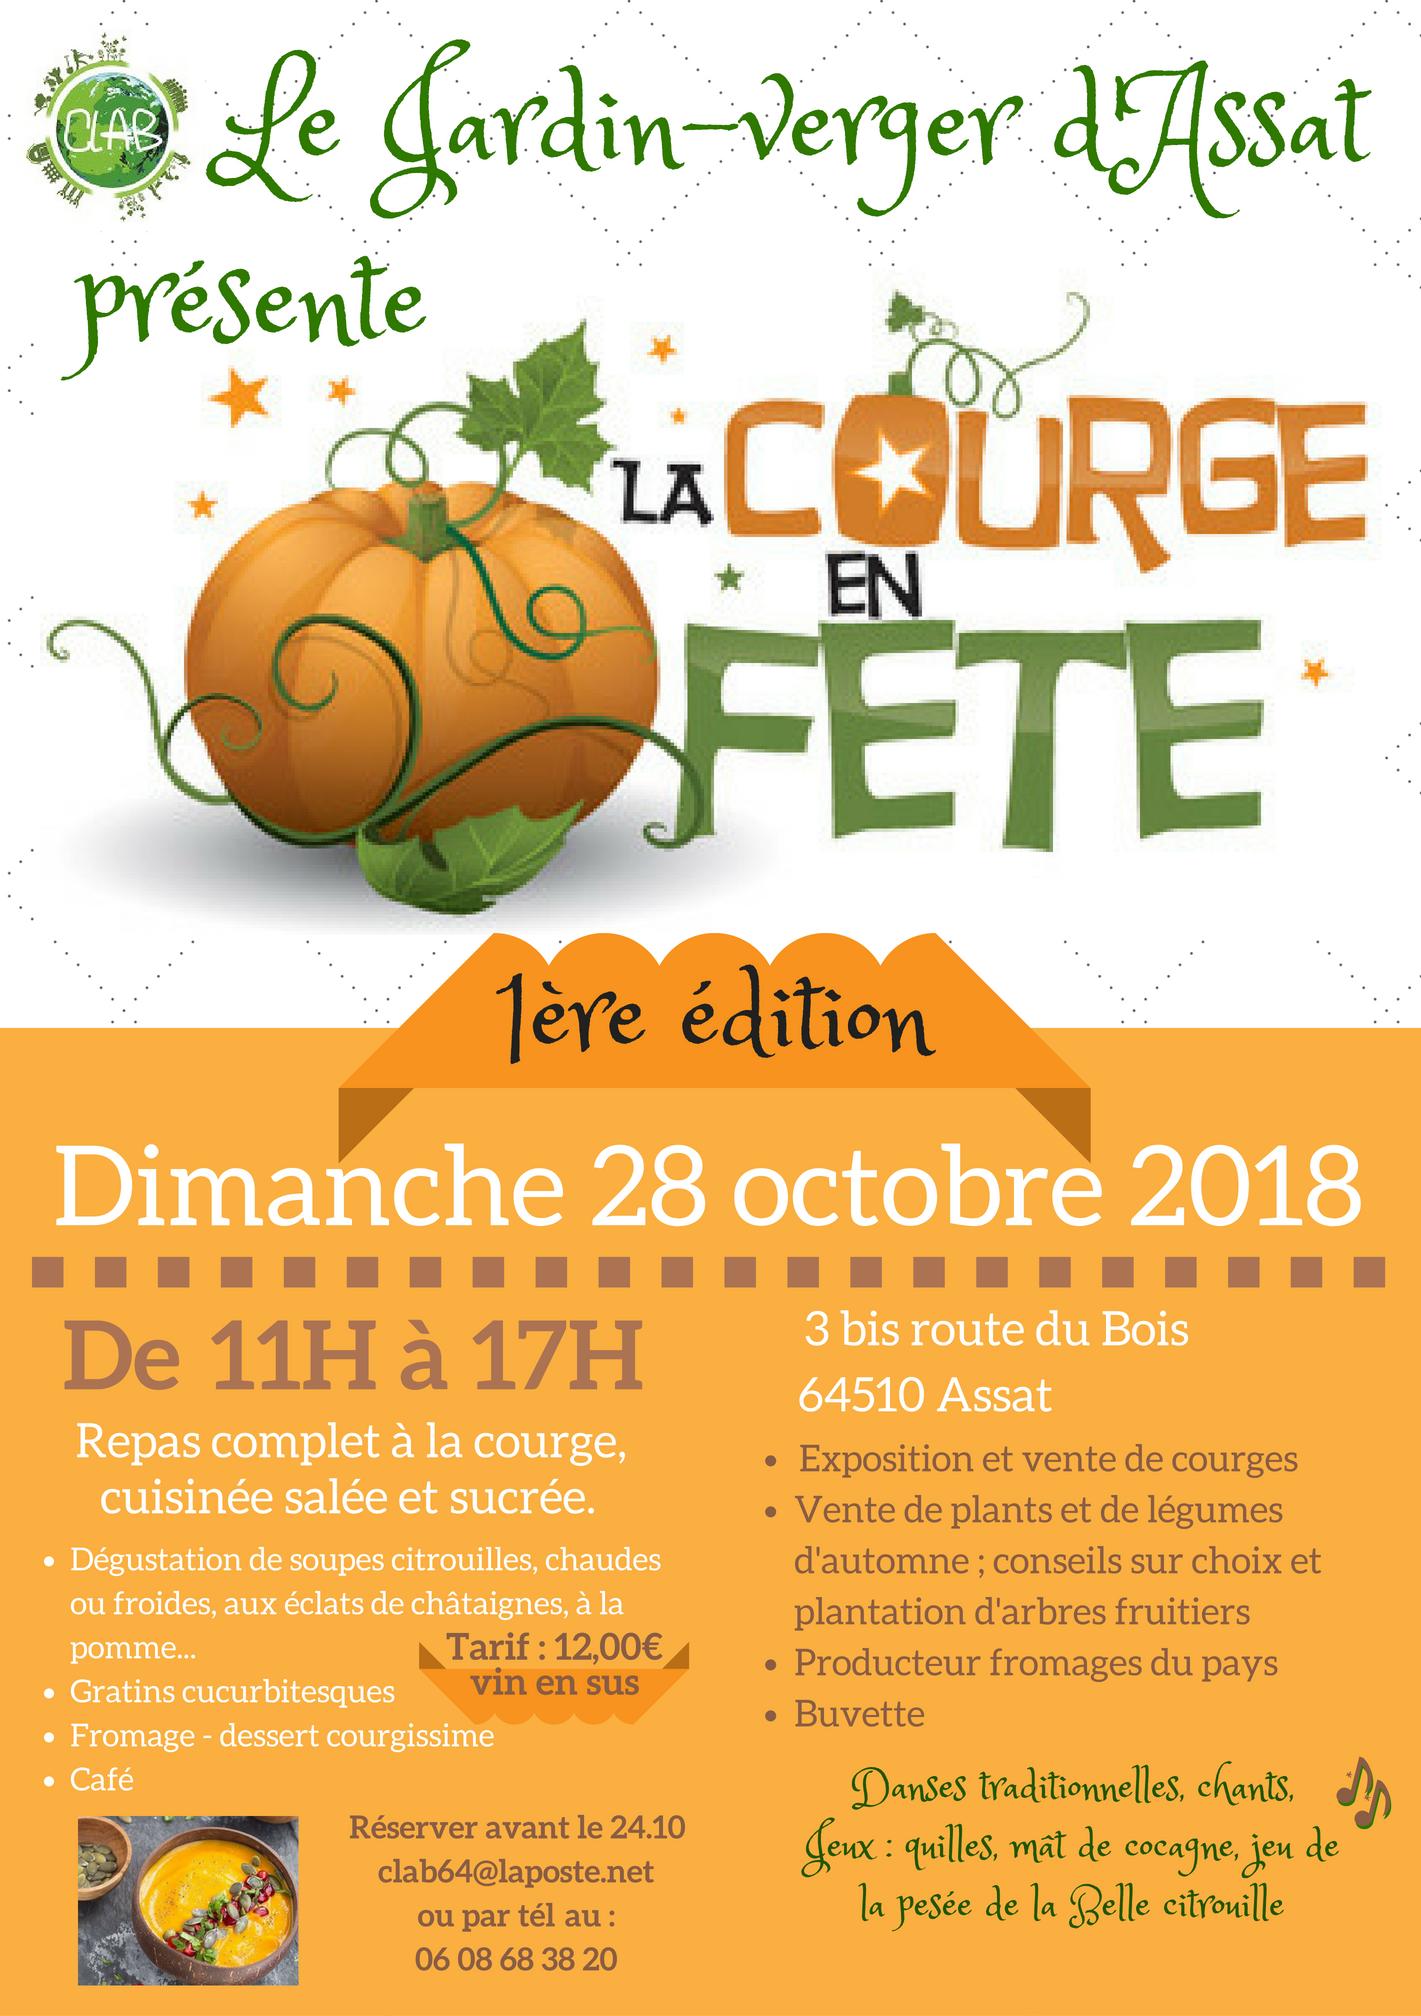 Flyer Courge en fête 28.10.18